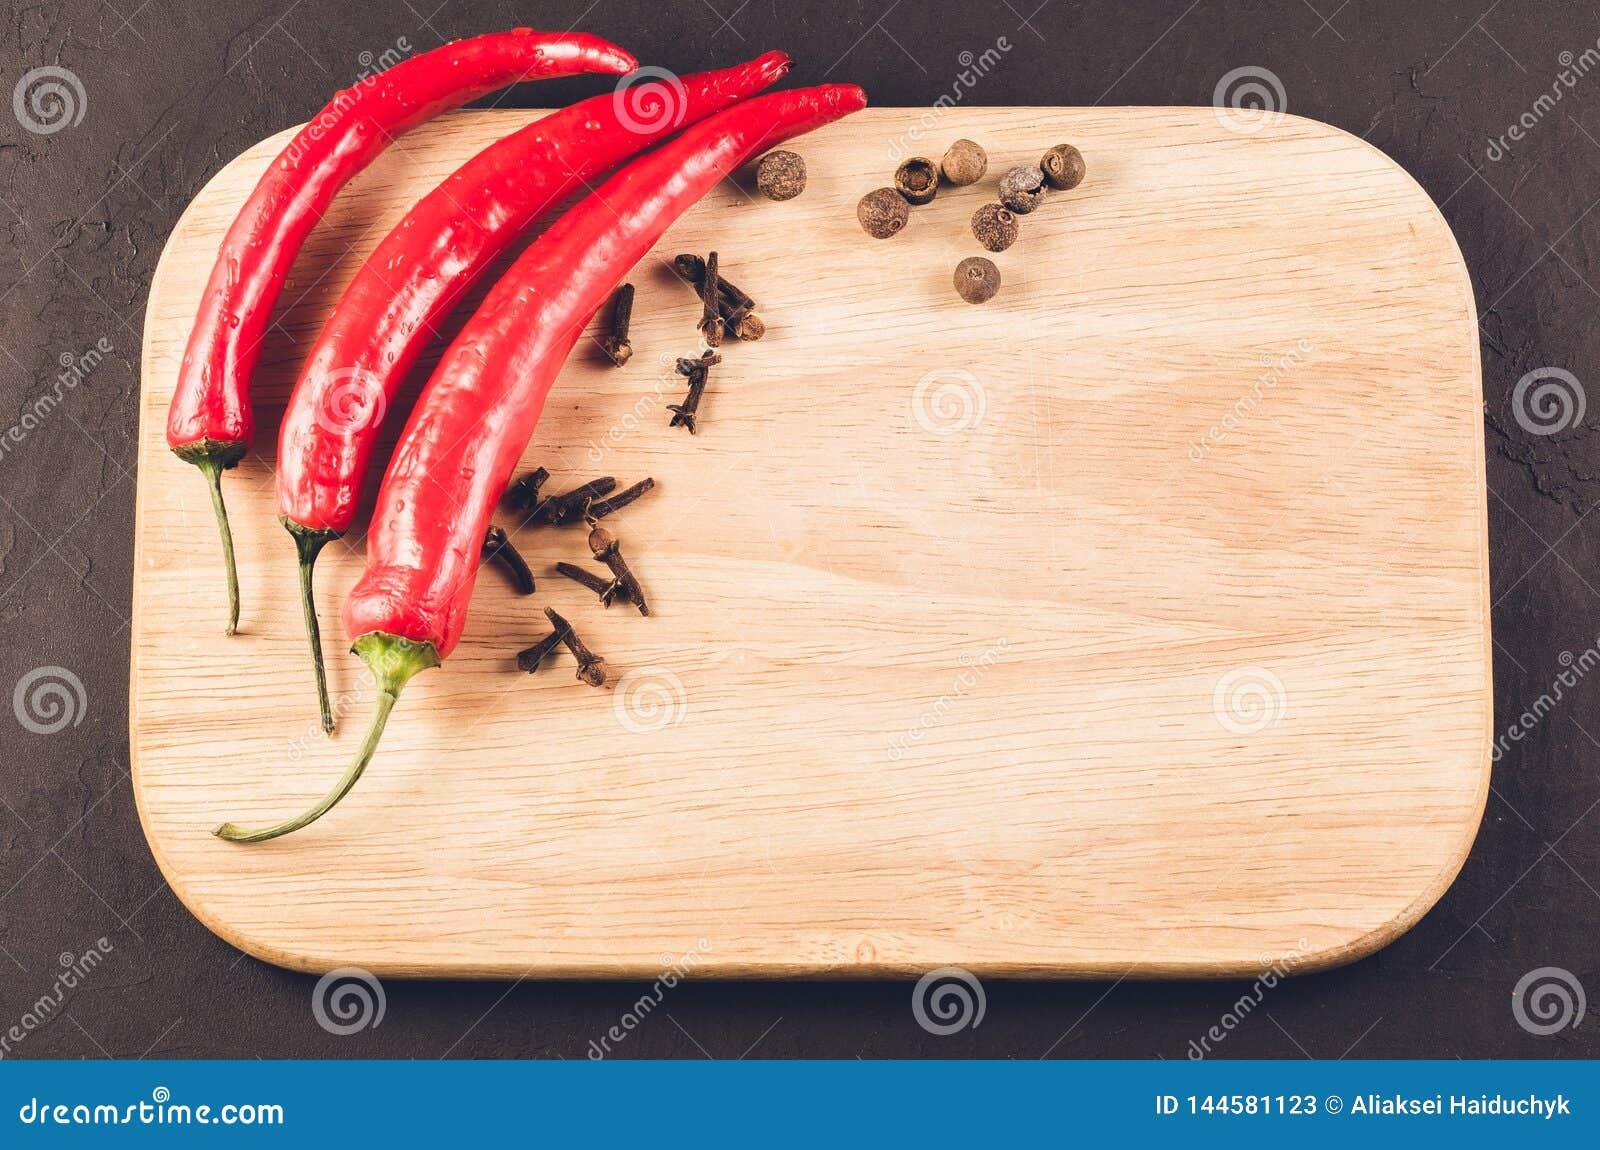 Una tabla de cortar vac?a/pimientas de chile candentes y especias candentes de chile pimientas y especias en una tabla de cortar